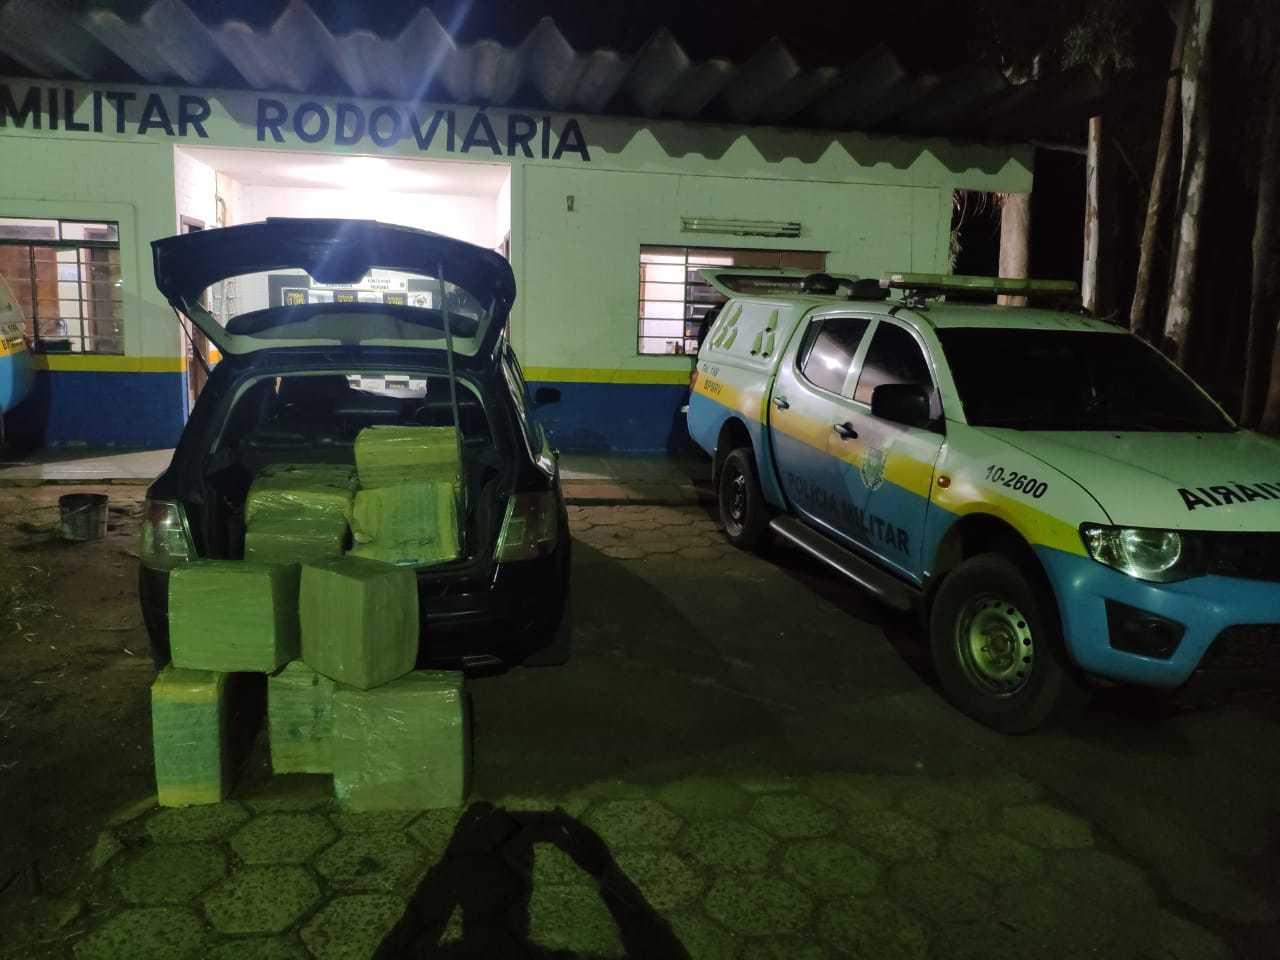 Fardos de maconha encontrados com o criminoso.(Foto: PMR)